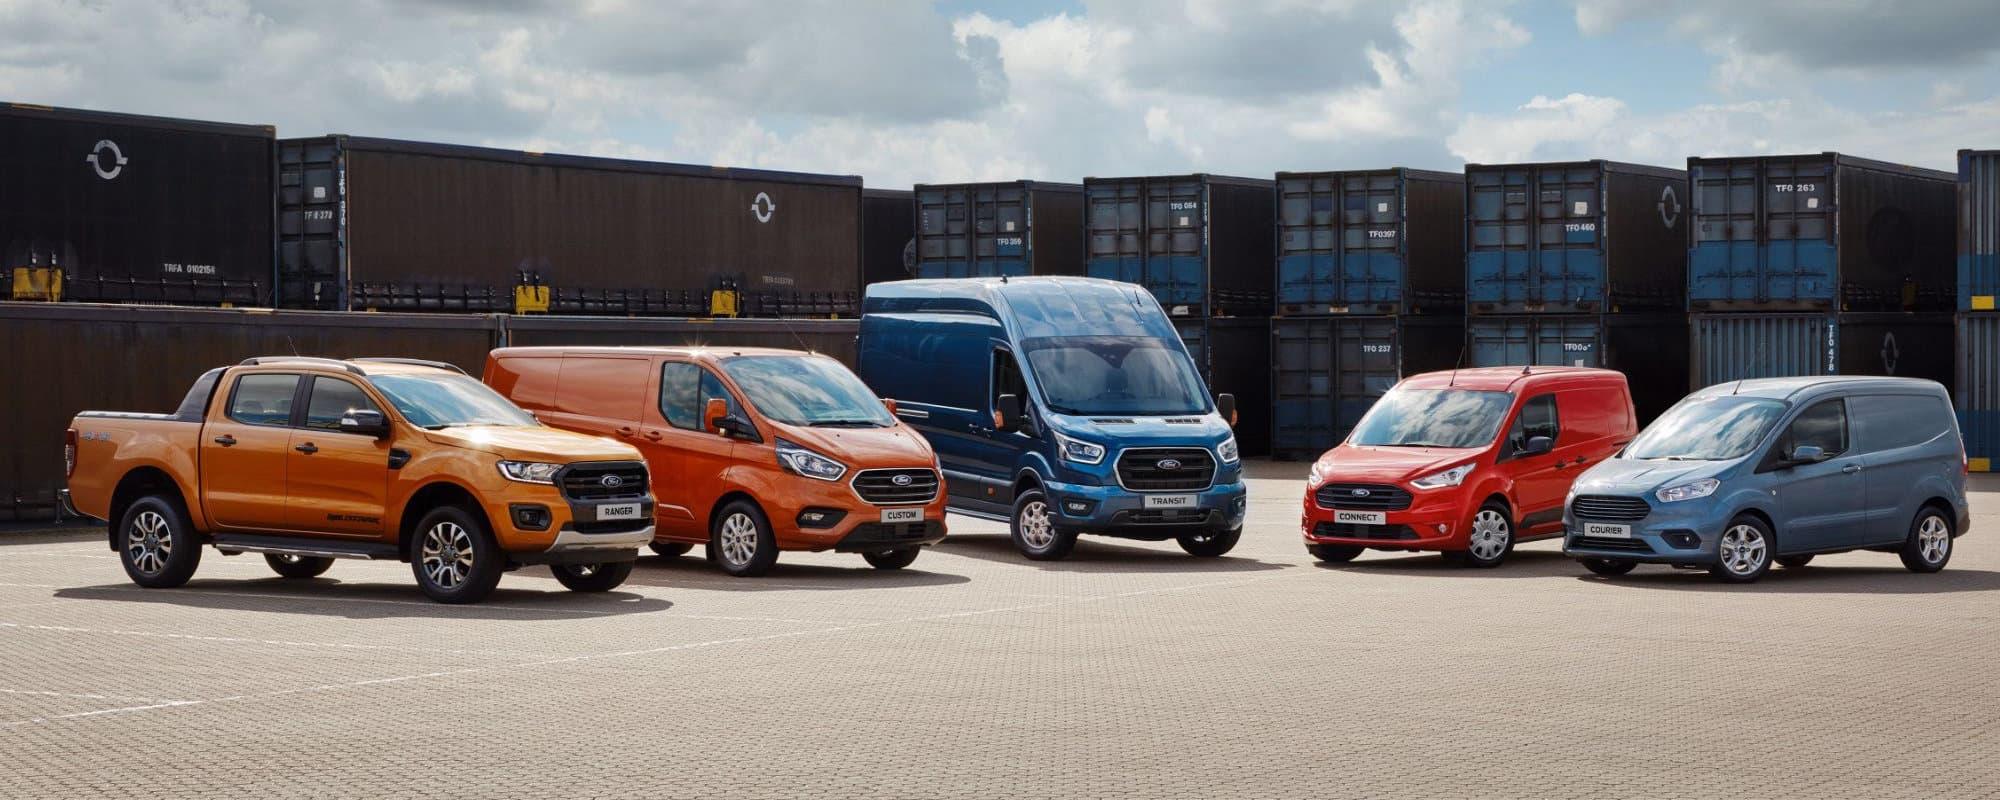 Firmabil, yrkesbil og nyttekjøretøy hos Autosalg AS